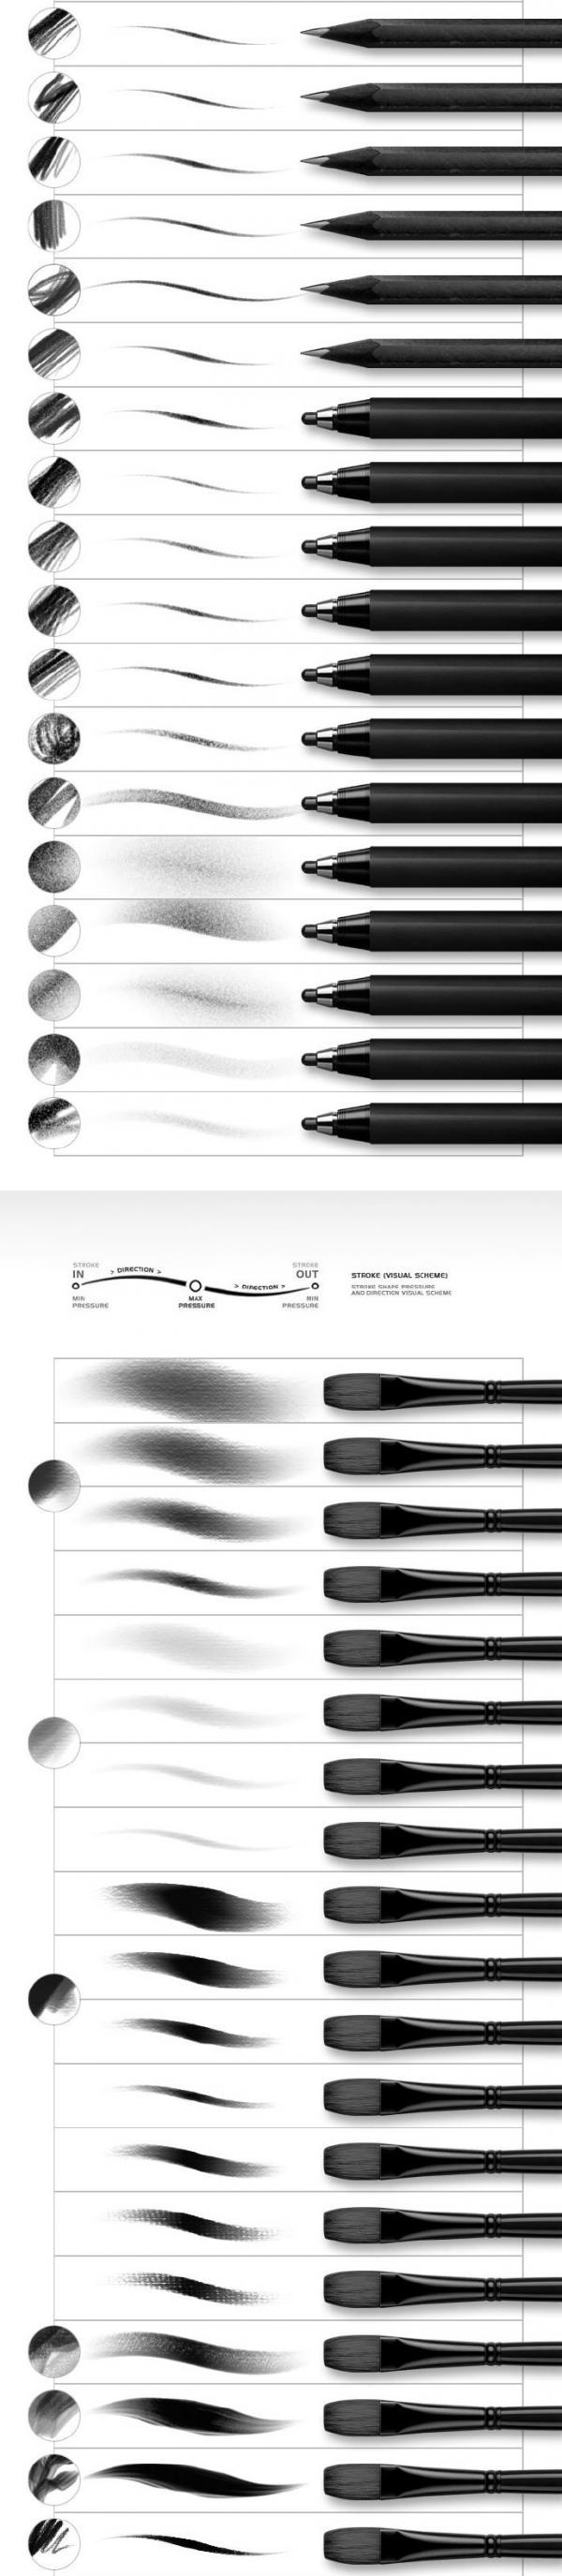 PS5套388款创意概念画师素描手绘画笔刷设计素材在线观看免费